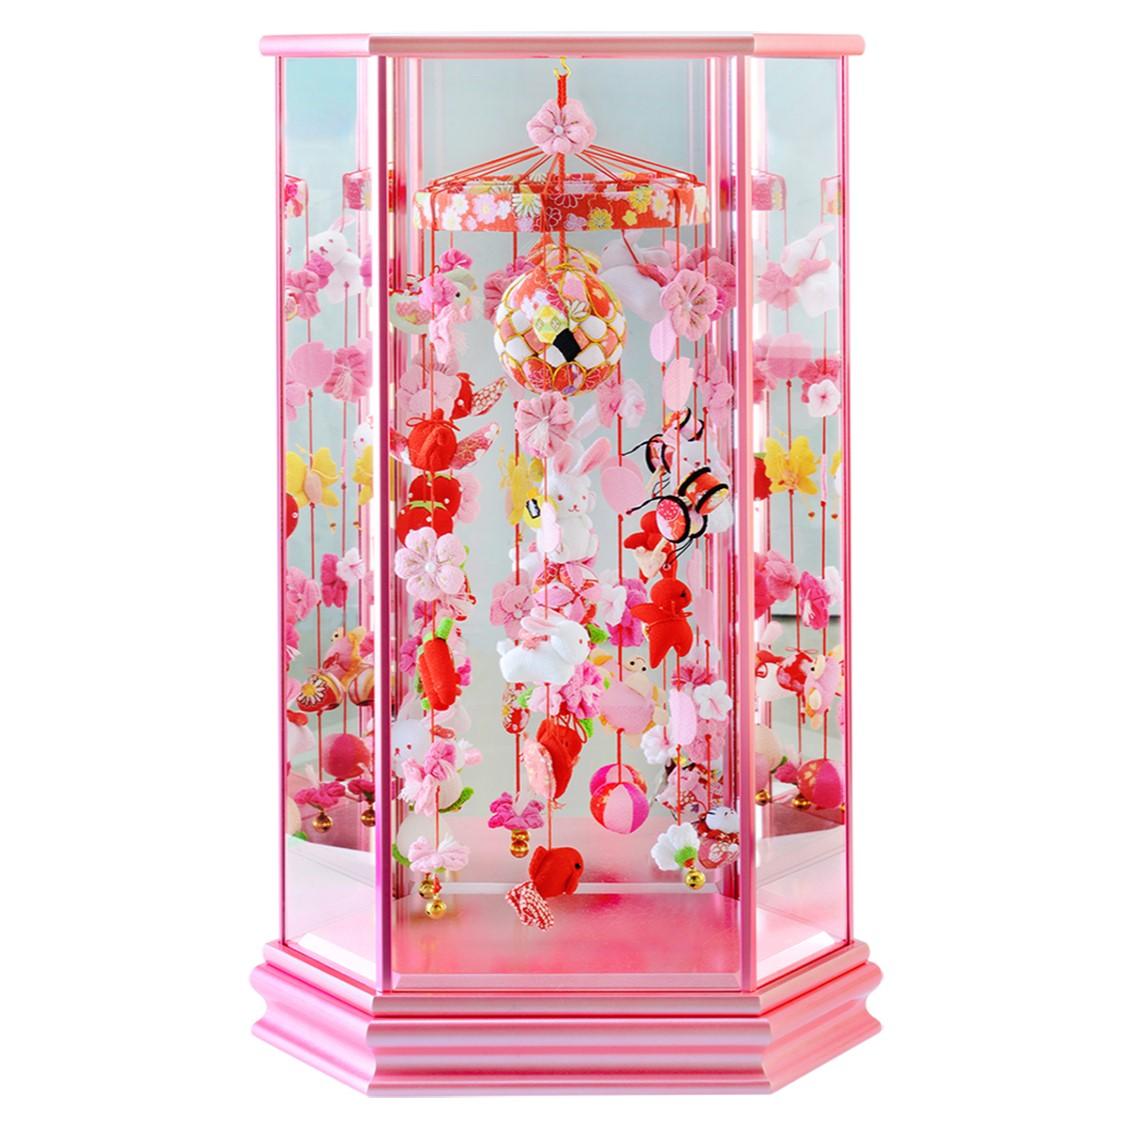 つるし雛 ケース おしゃれ つるし飾り 飾り台 スタンド 寿慶 ケース ひな人形 雛人形 六角ケース飾り うさぎなでしこ ピンクケース 中サイズ おしゃれ